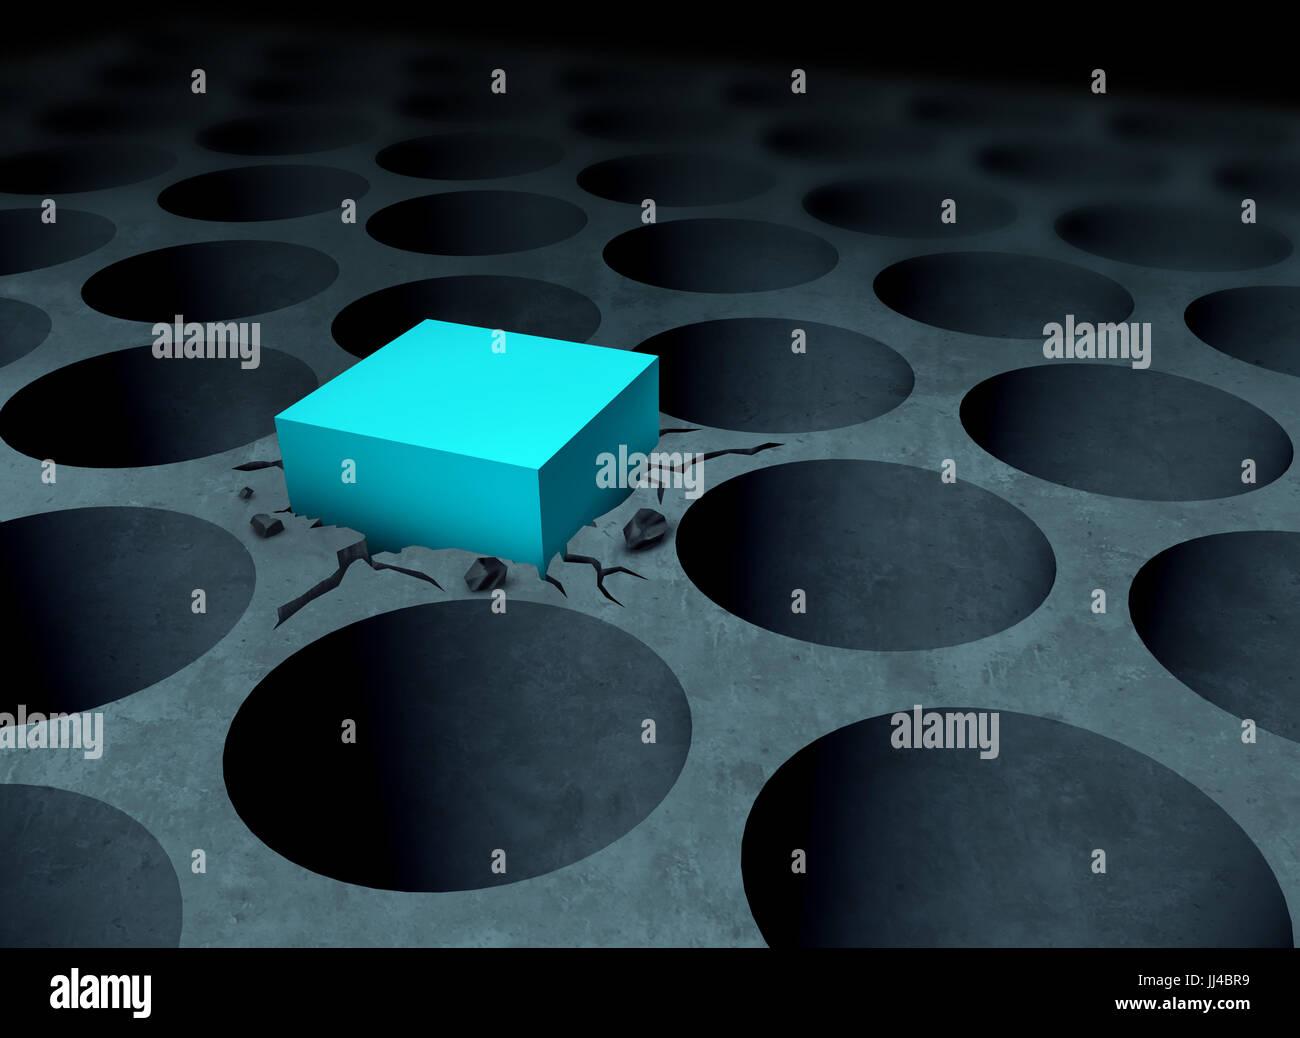 Concepto de estrategia la adversidad haciendo trabajo idea empresarial como una clavija cuadrada en un agujero redondo Imagen De Stock